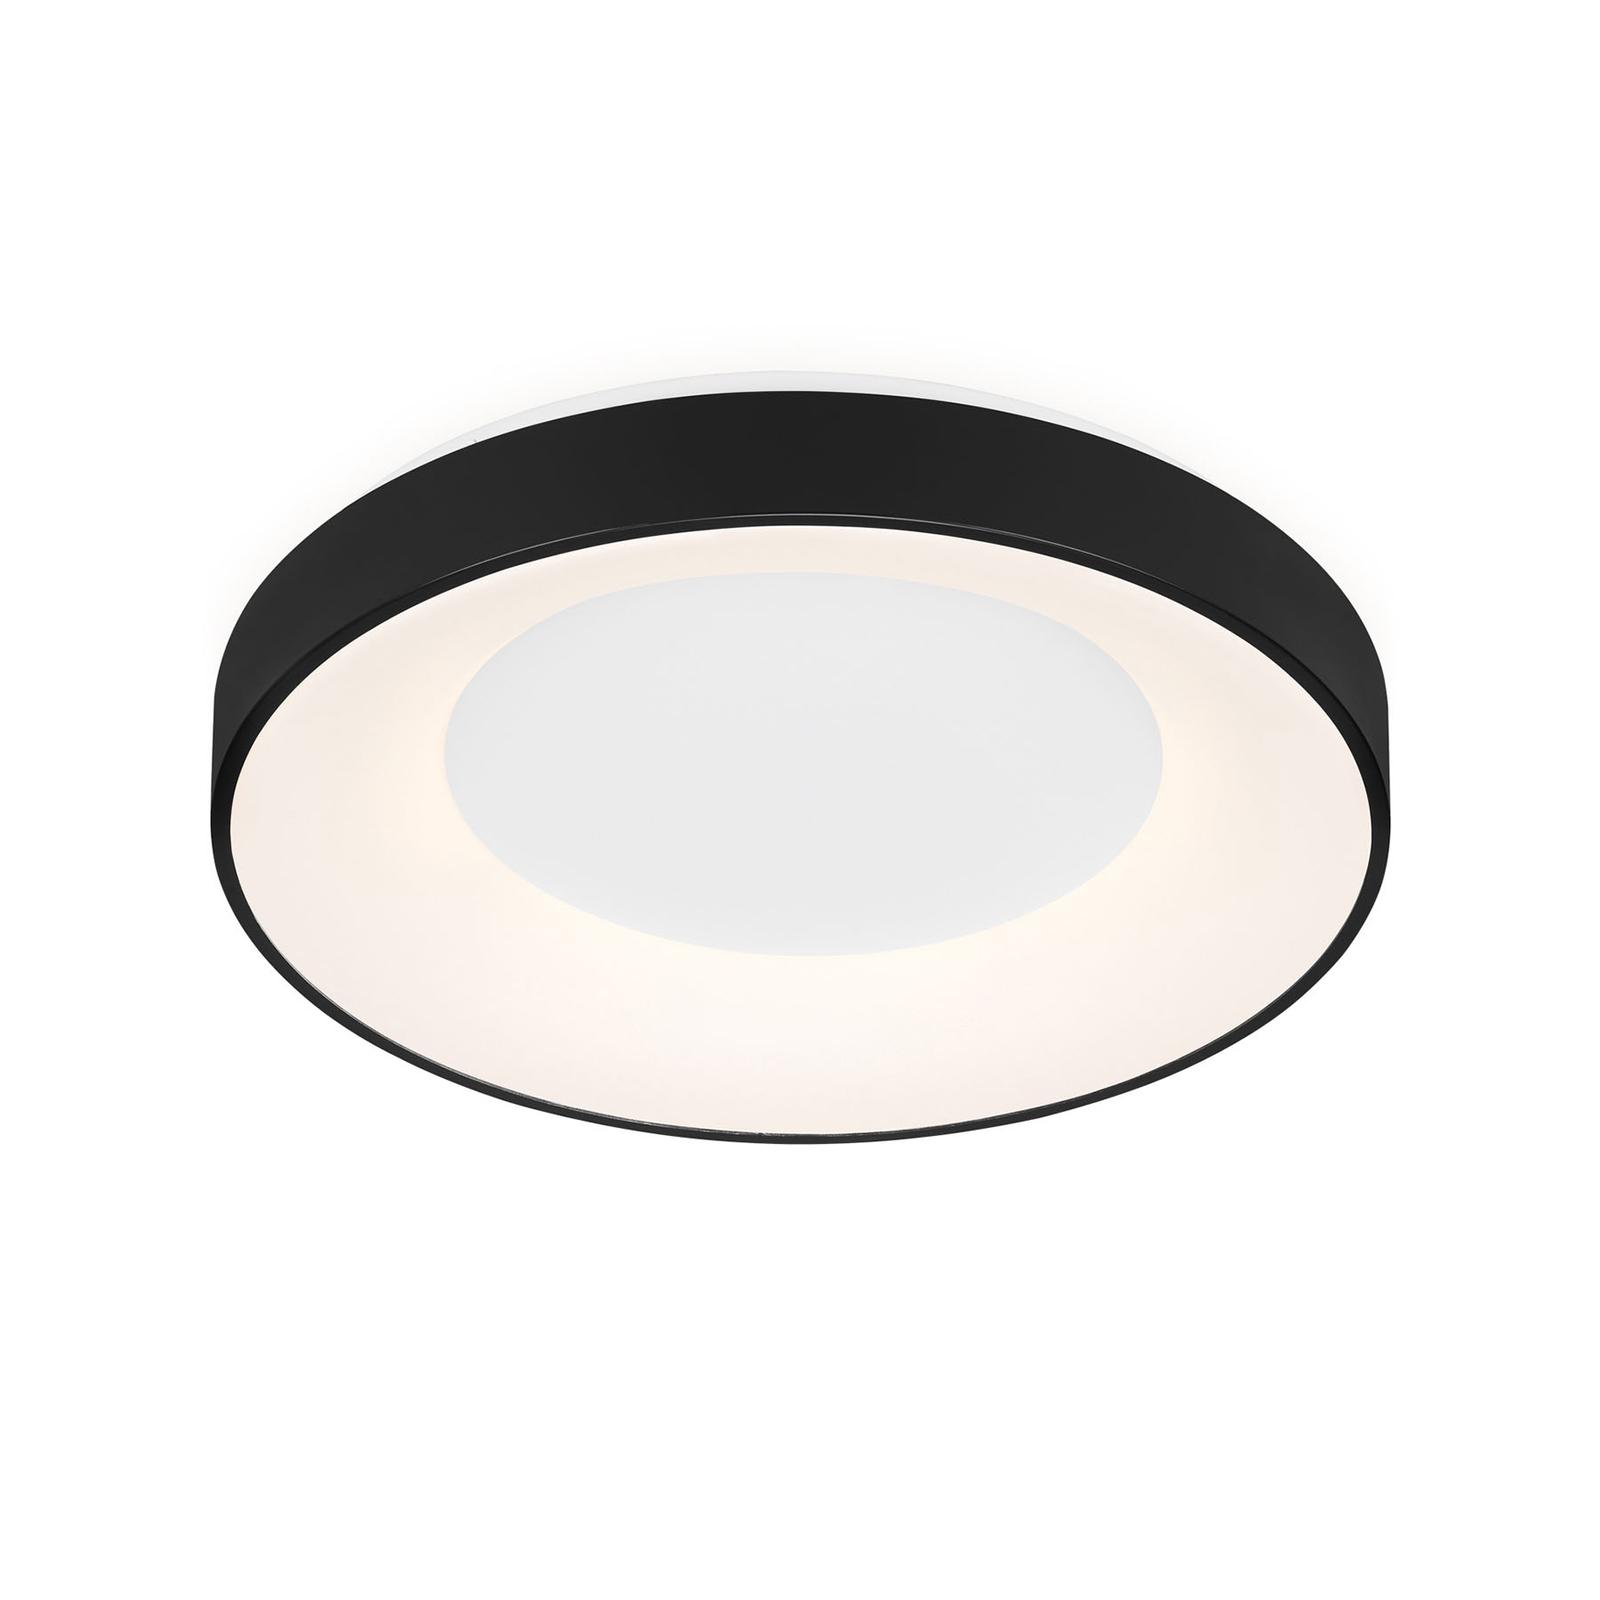 Plafonnier LED Rondo CCT télécommande, noir